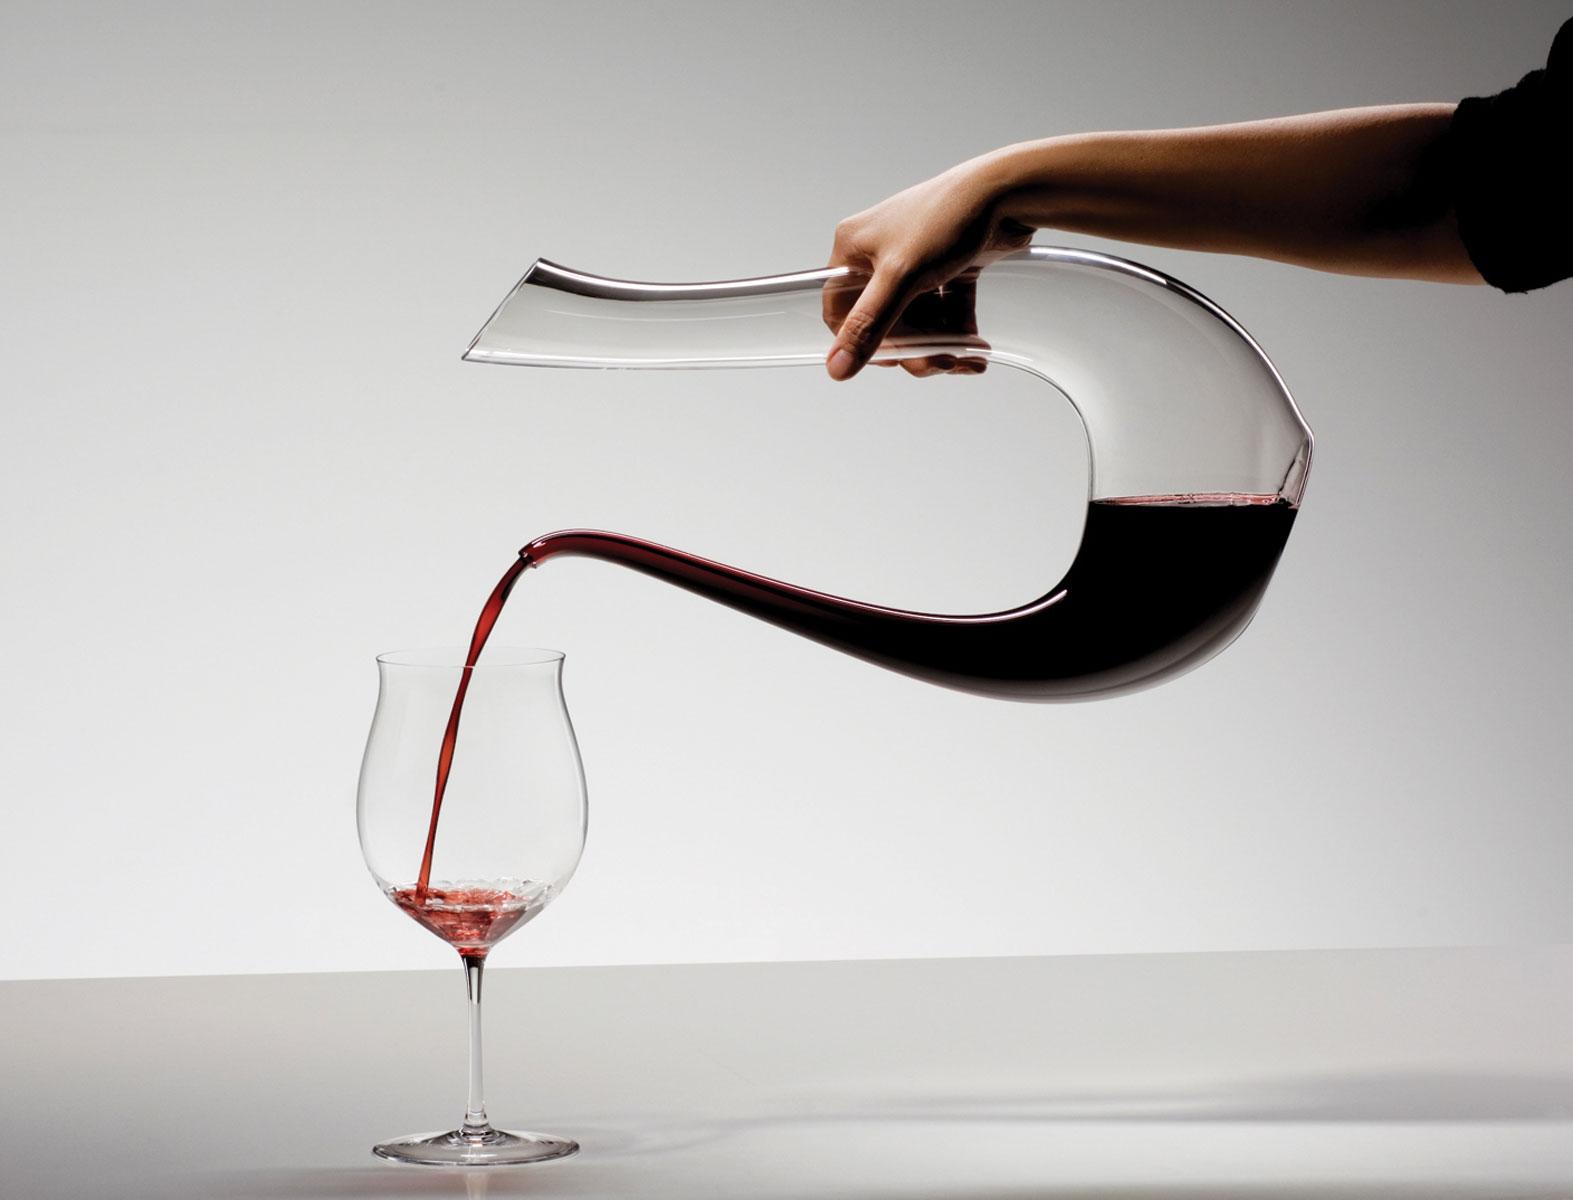 ¿Cómo, cuando, y por qué decantar un vino?